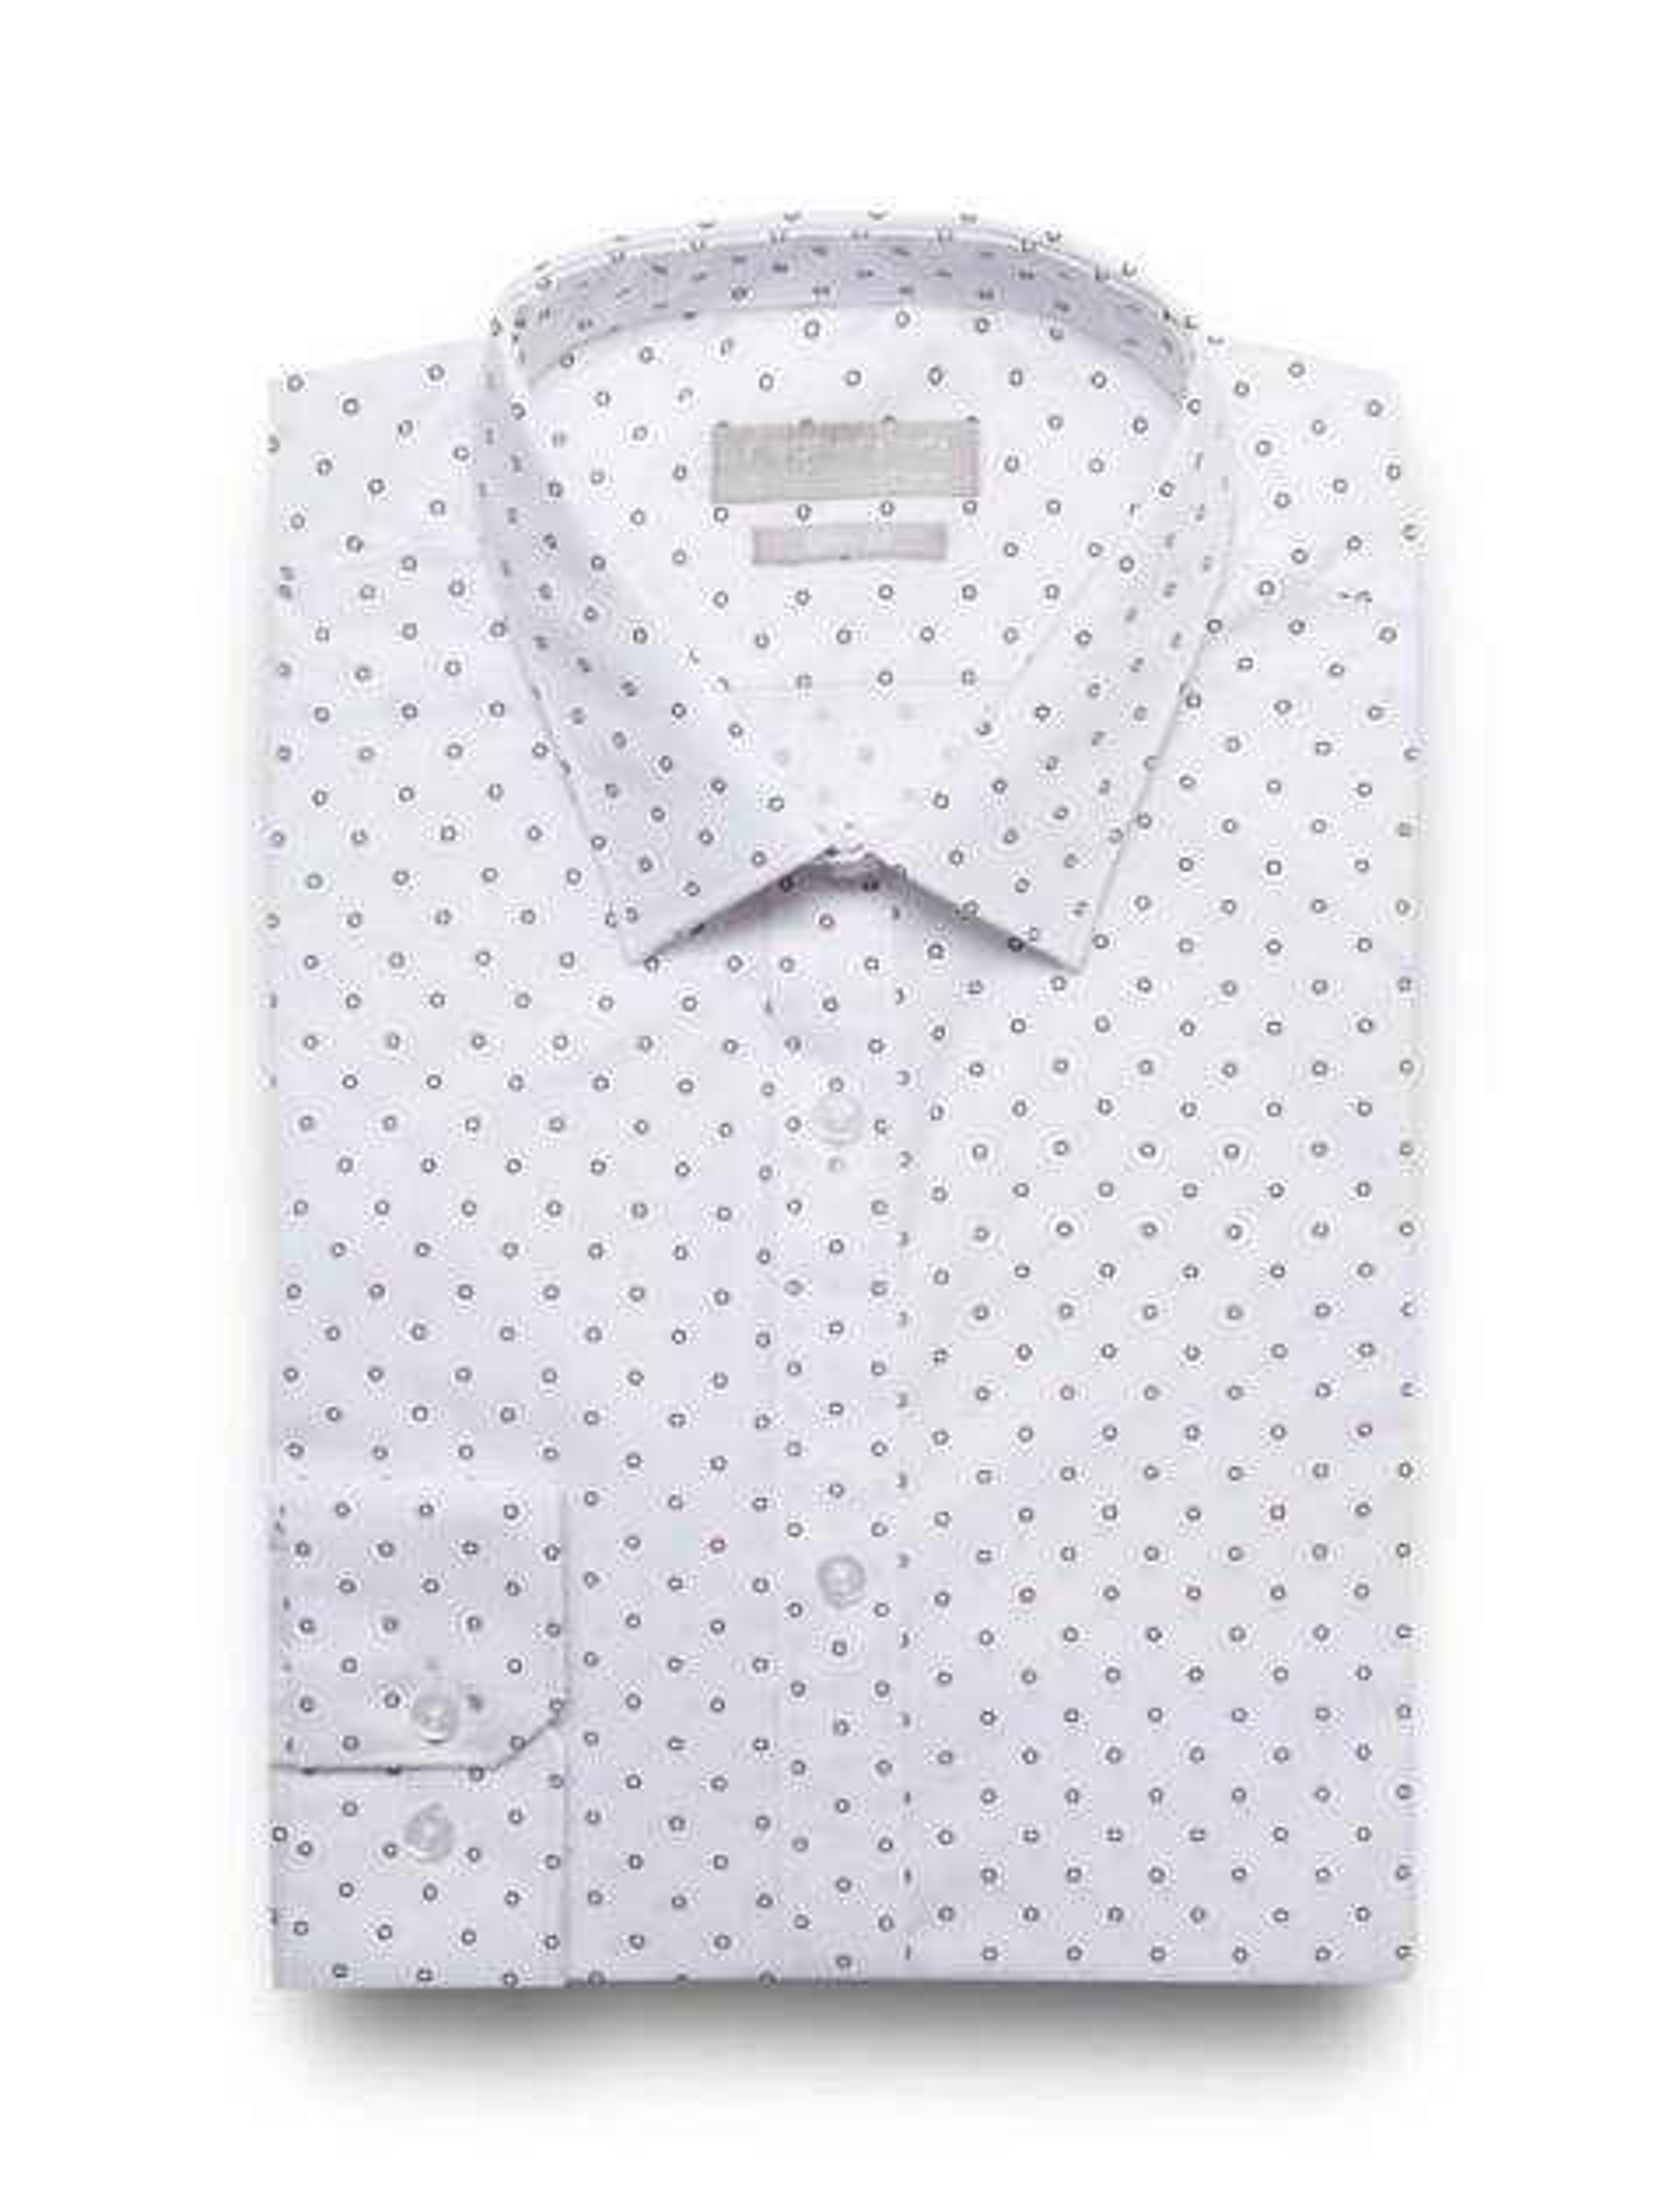 پیراهن آستین بلند مردانه - سفيد - 5